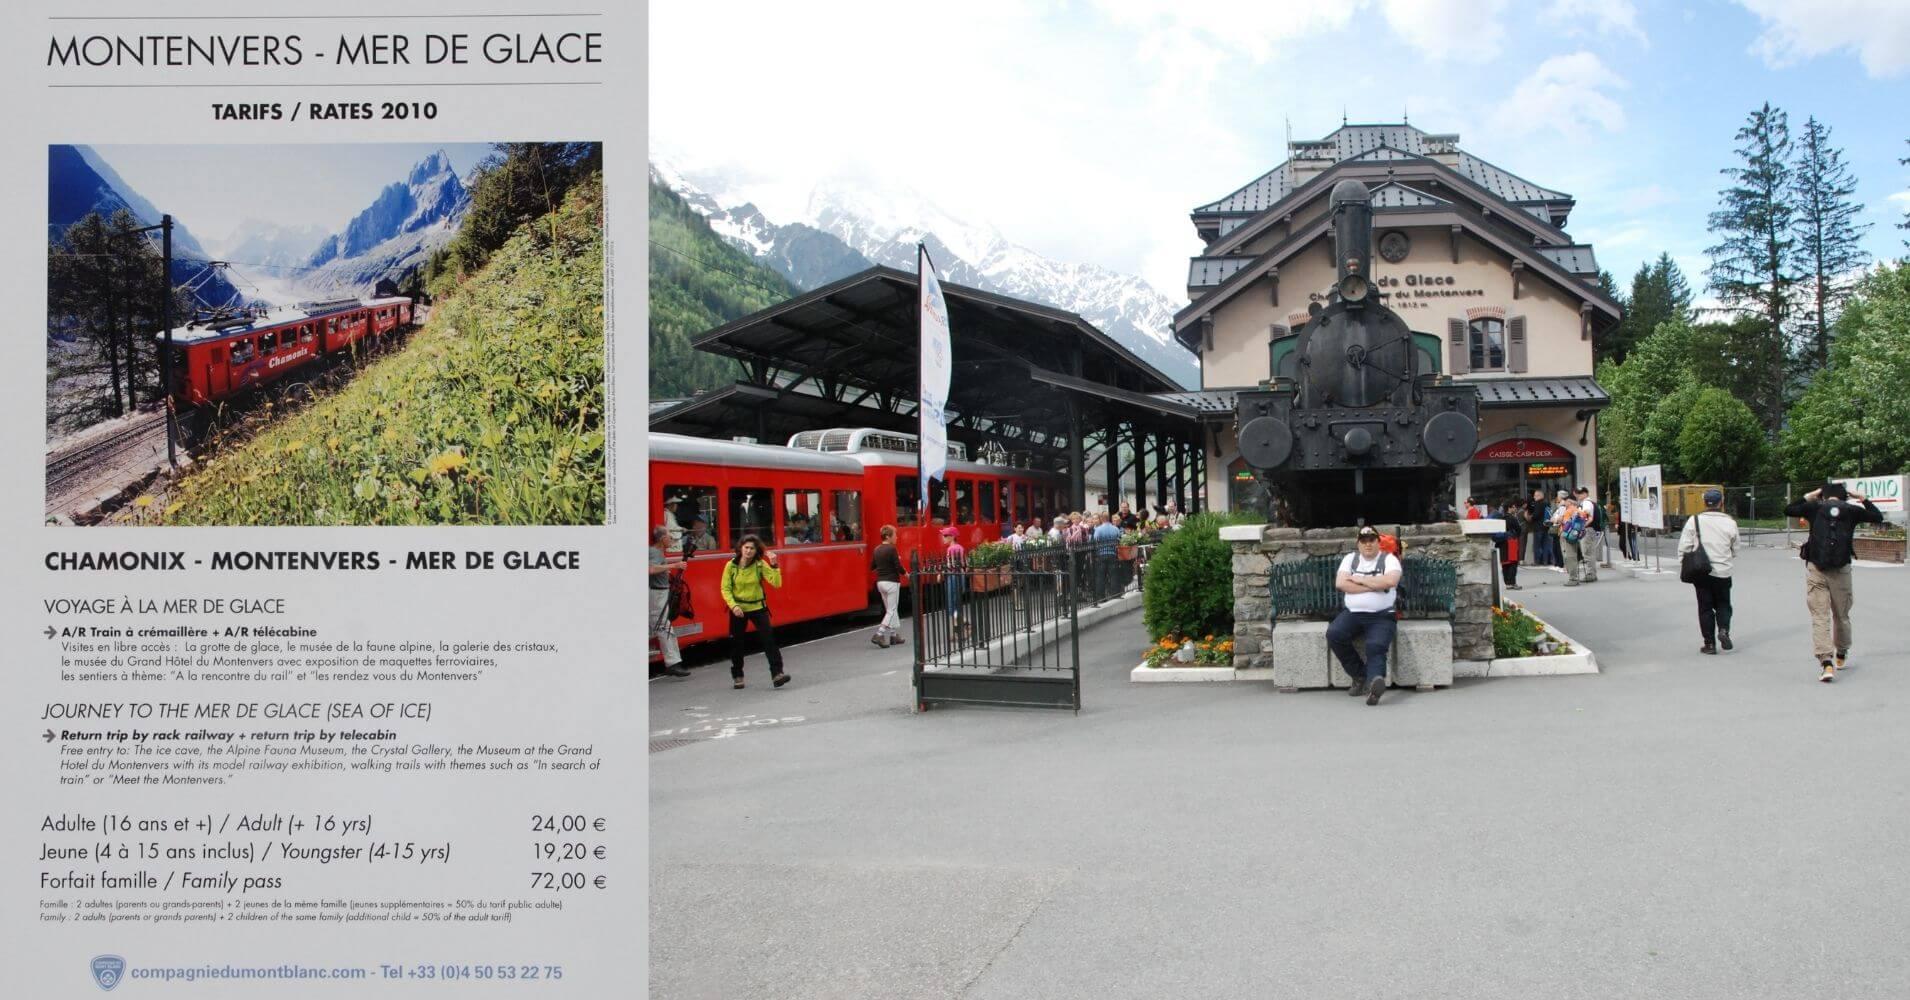 Estación del Ferrocarril de Montenvers. Chamonix, Alta Saboya. Auvernia-Ródano-Alpes. Francia.